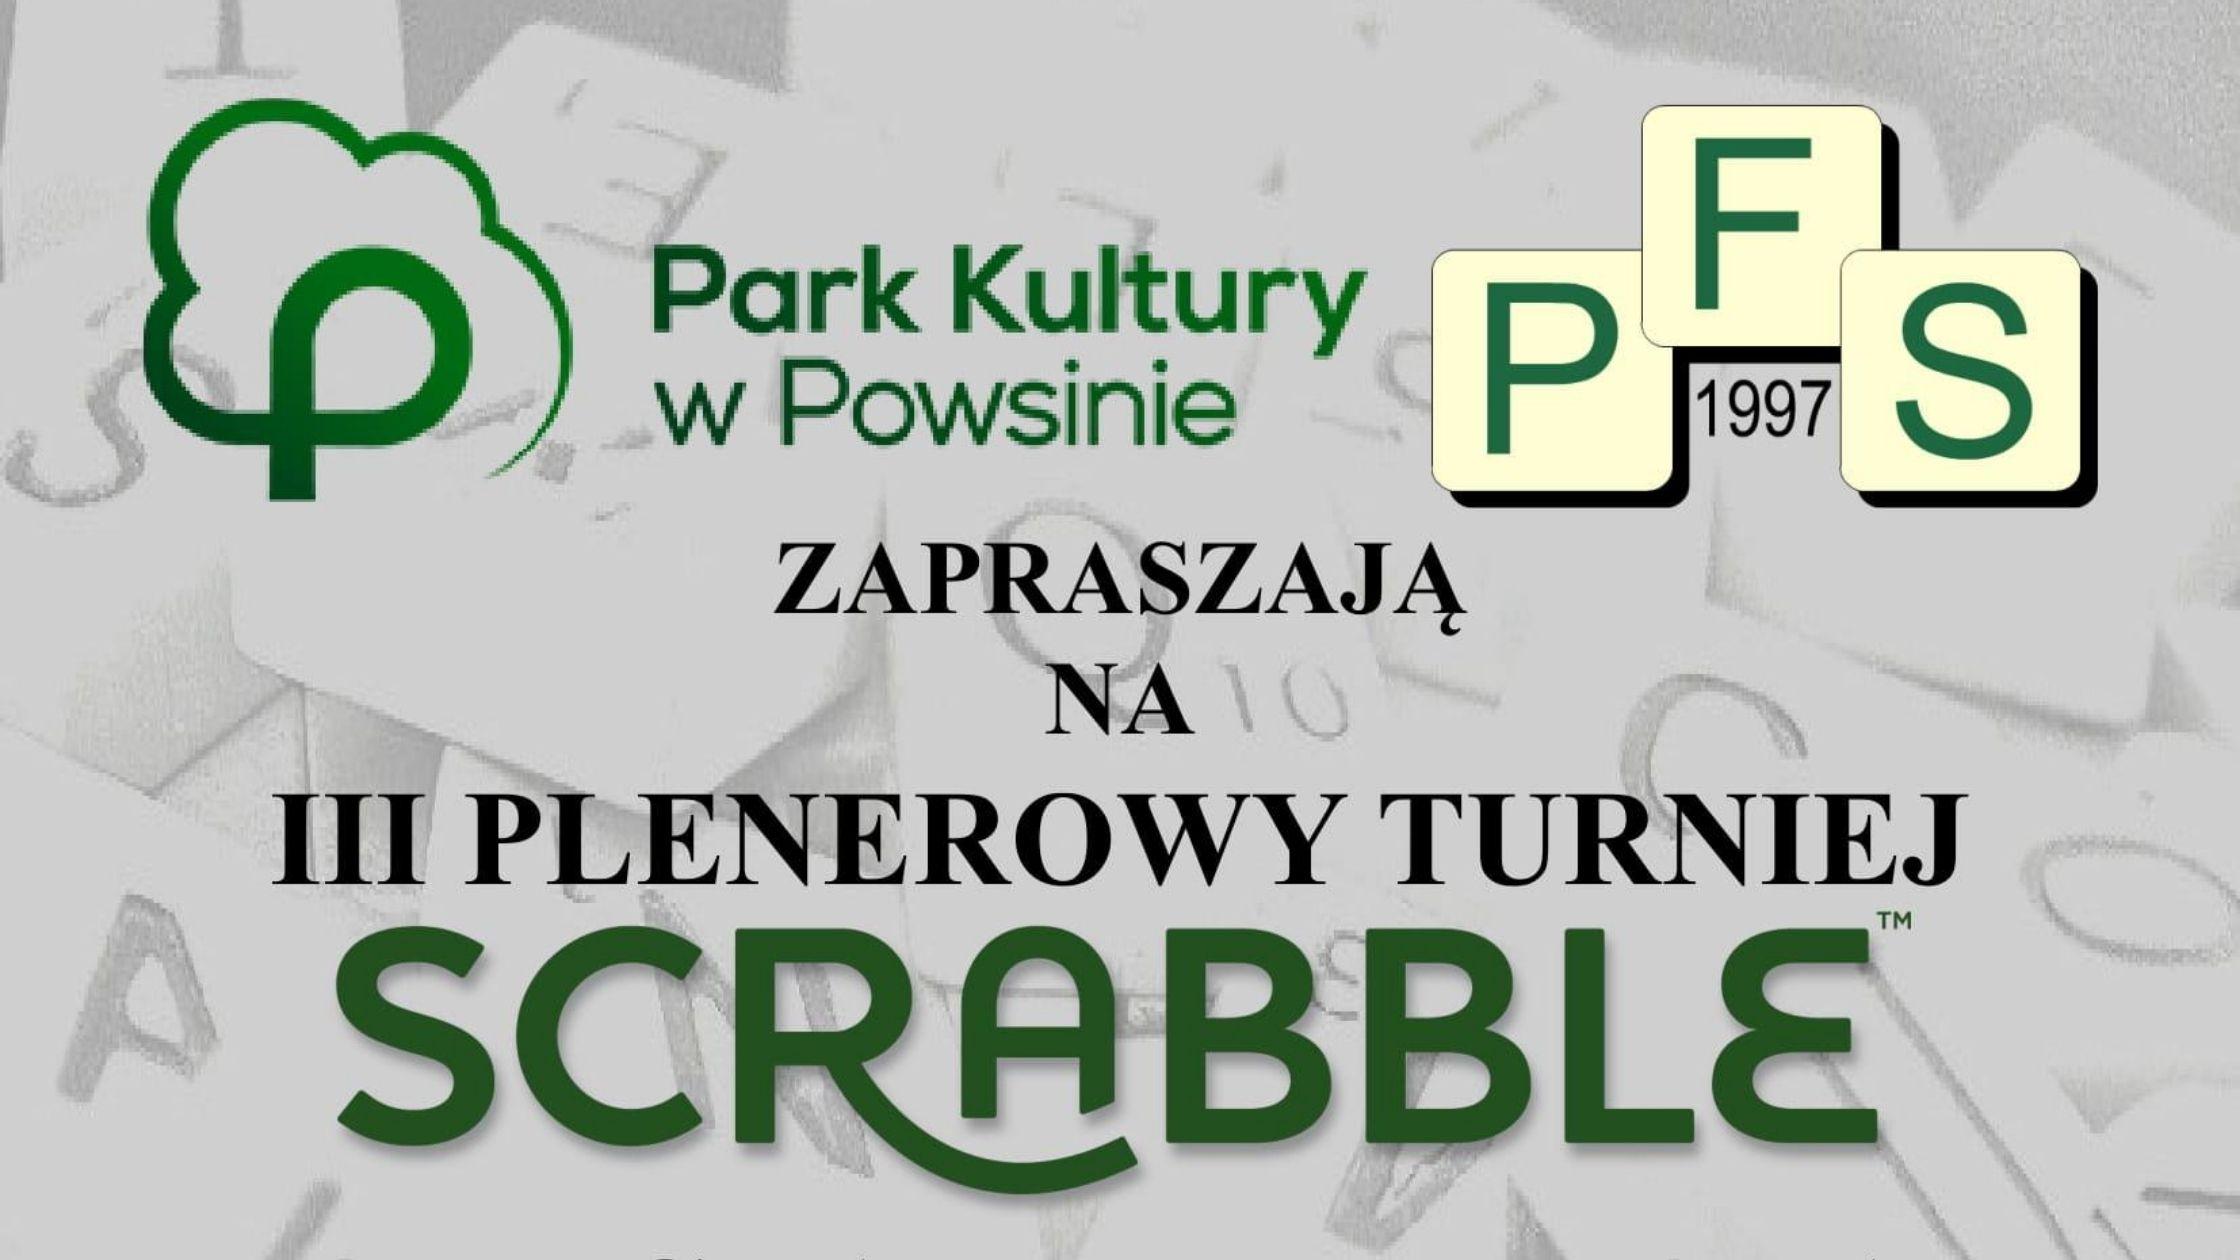 III Plenerowy Turniej Scrabble o Puchar Dyrektora Parku Kultury w Powsinie